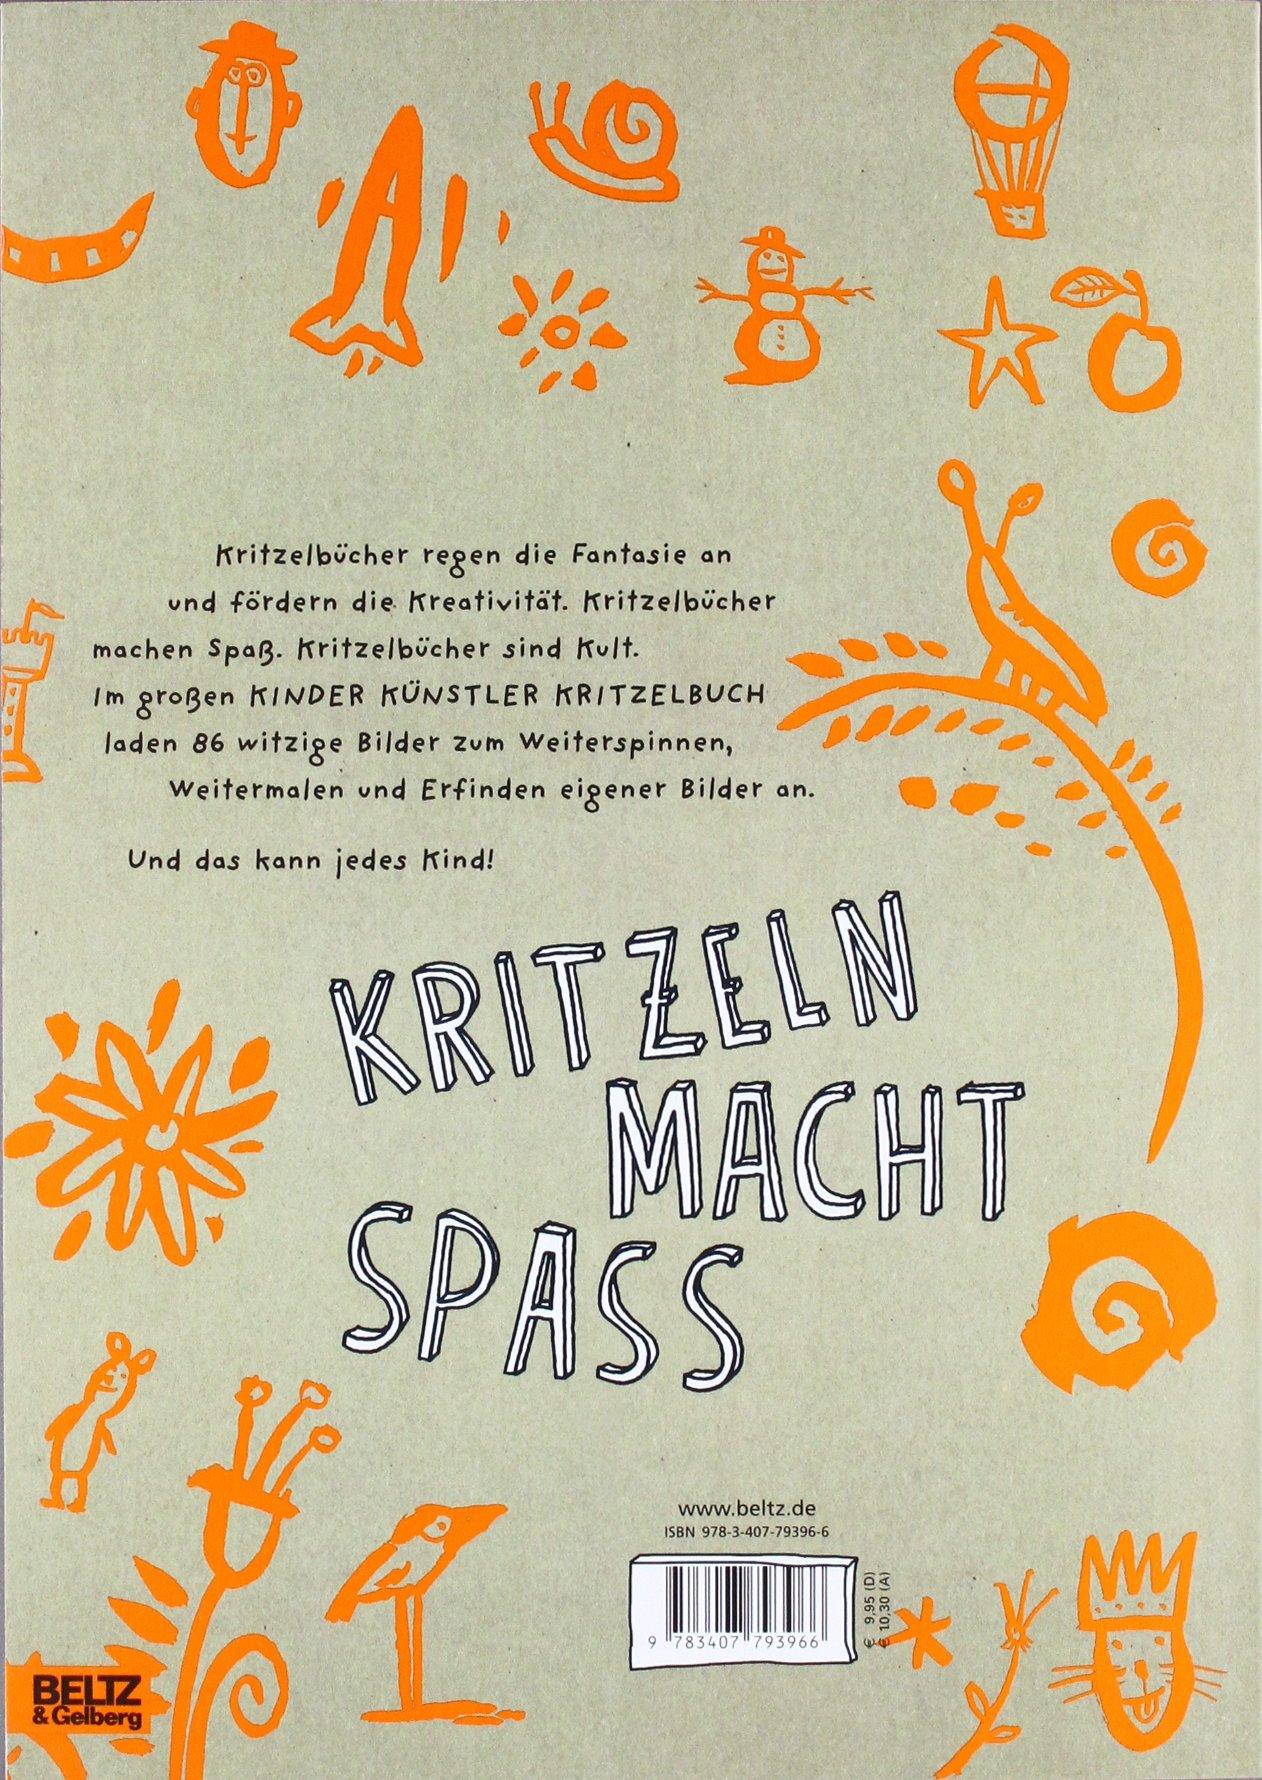 Kinder Künstler Kritzelbuch Anmalen Weitermalen Selbermalen Amazon Labor Ateliergemeinschaft Anke Kuhl Jörg Mühle Moni Port Philip Waechter